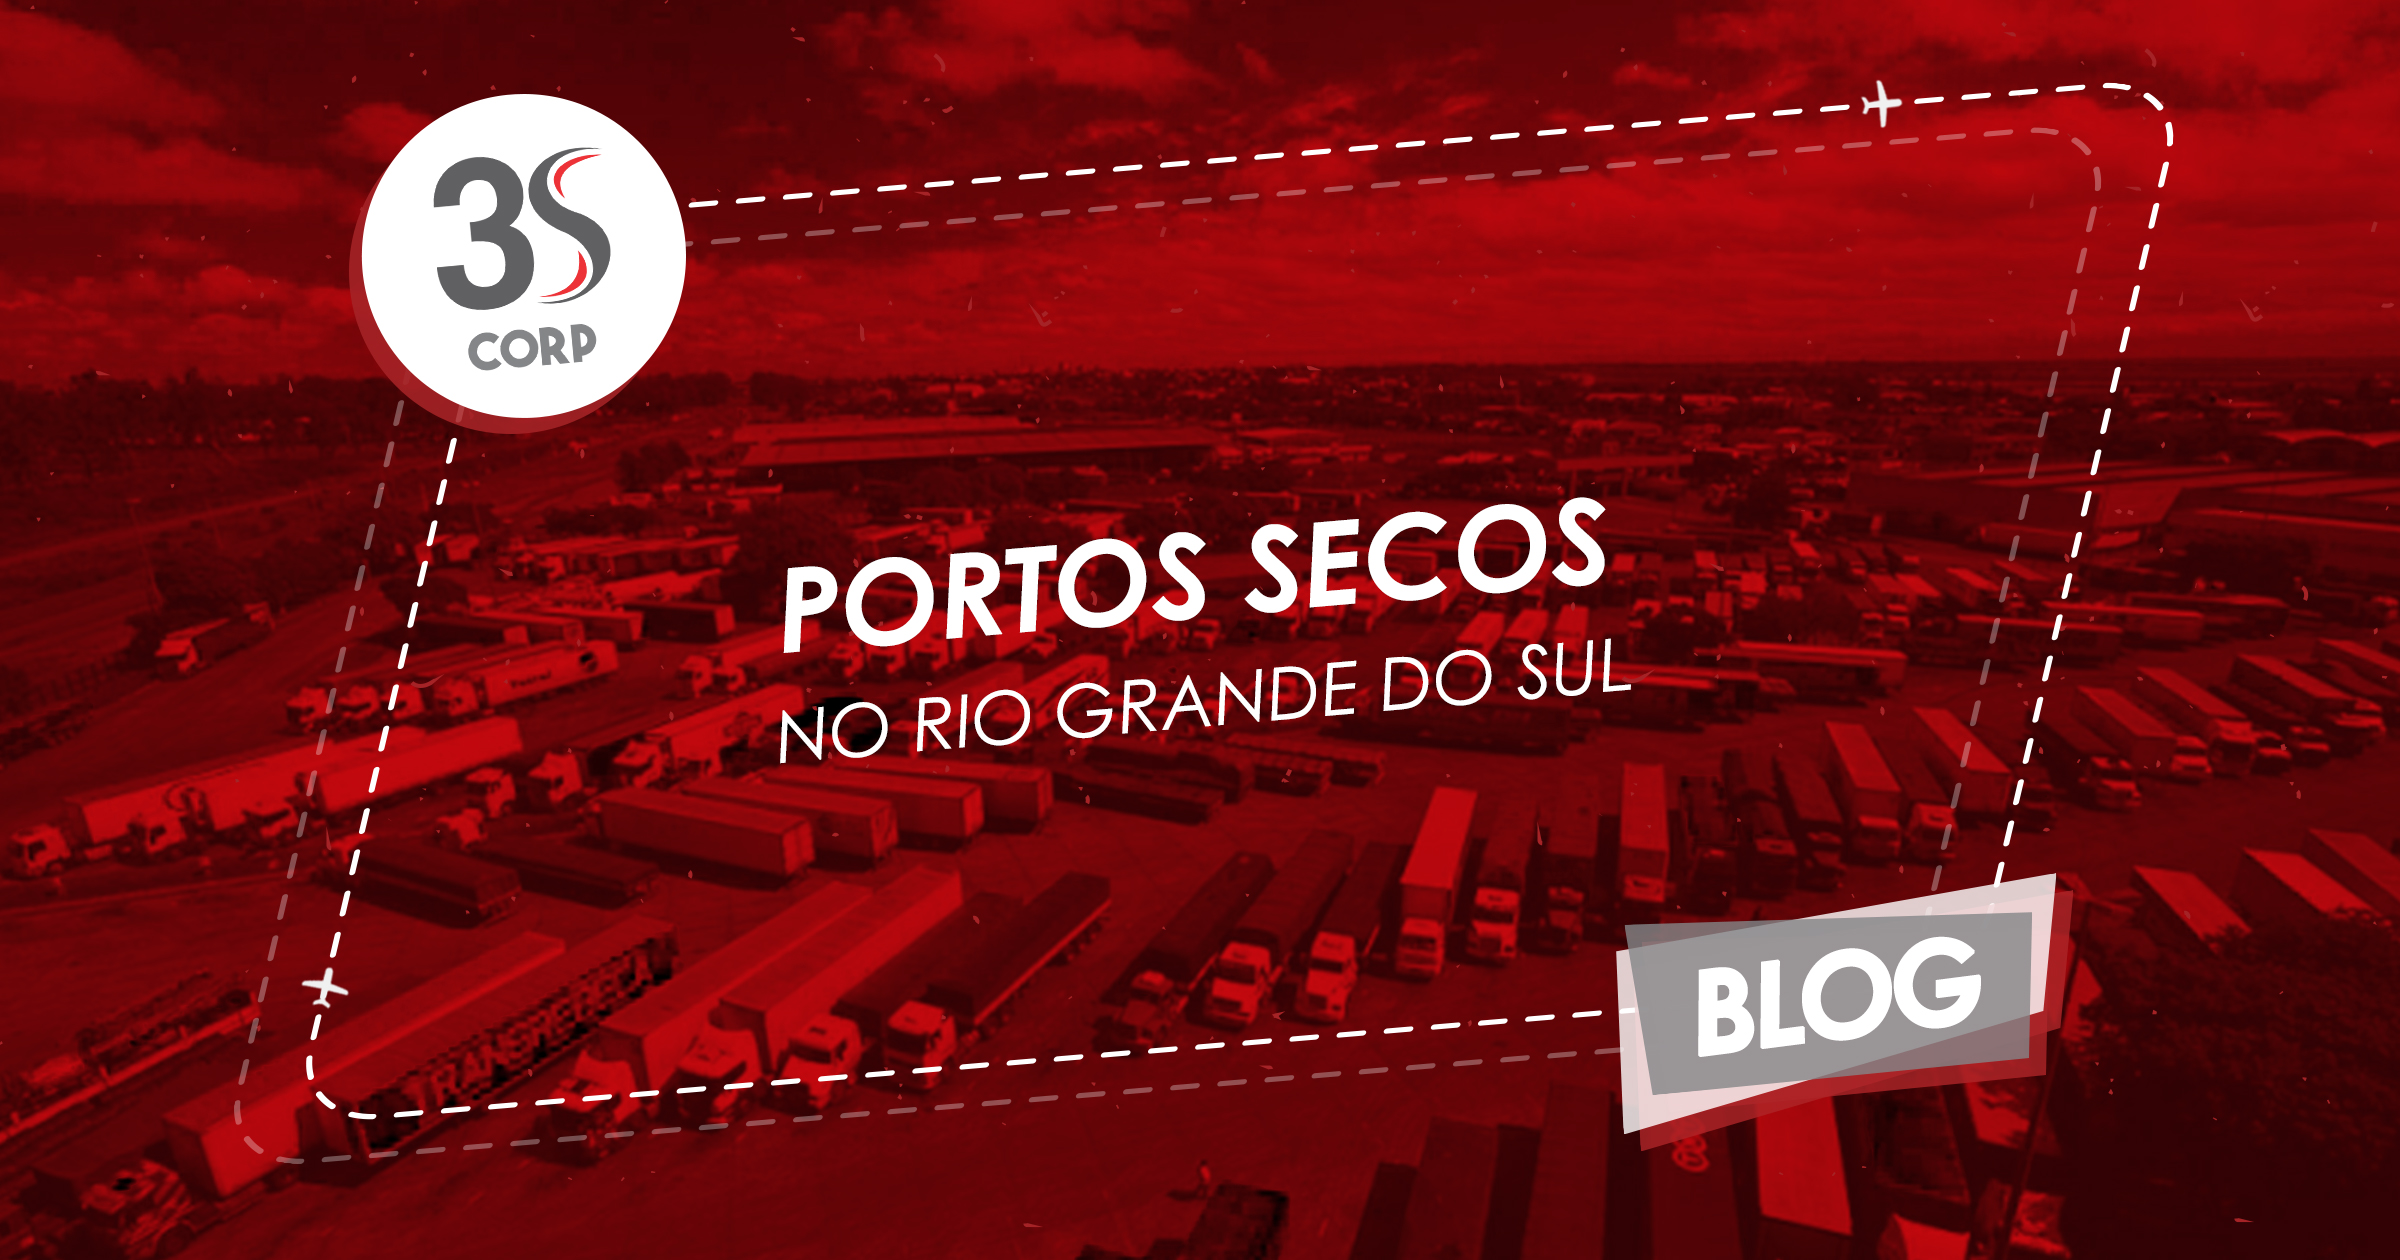 06.25 - Portos Secos no Rio Grande do Sul (BLOG)